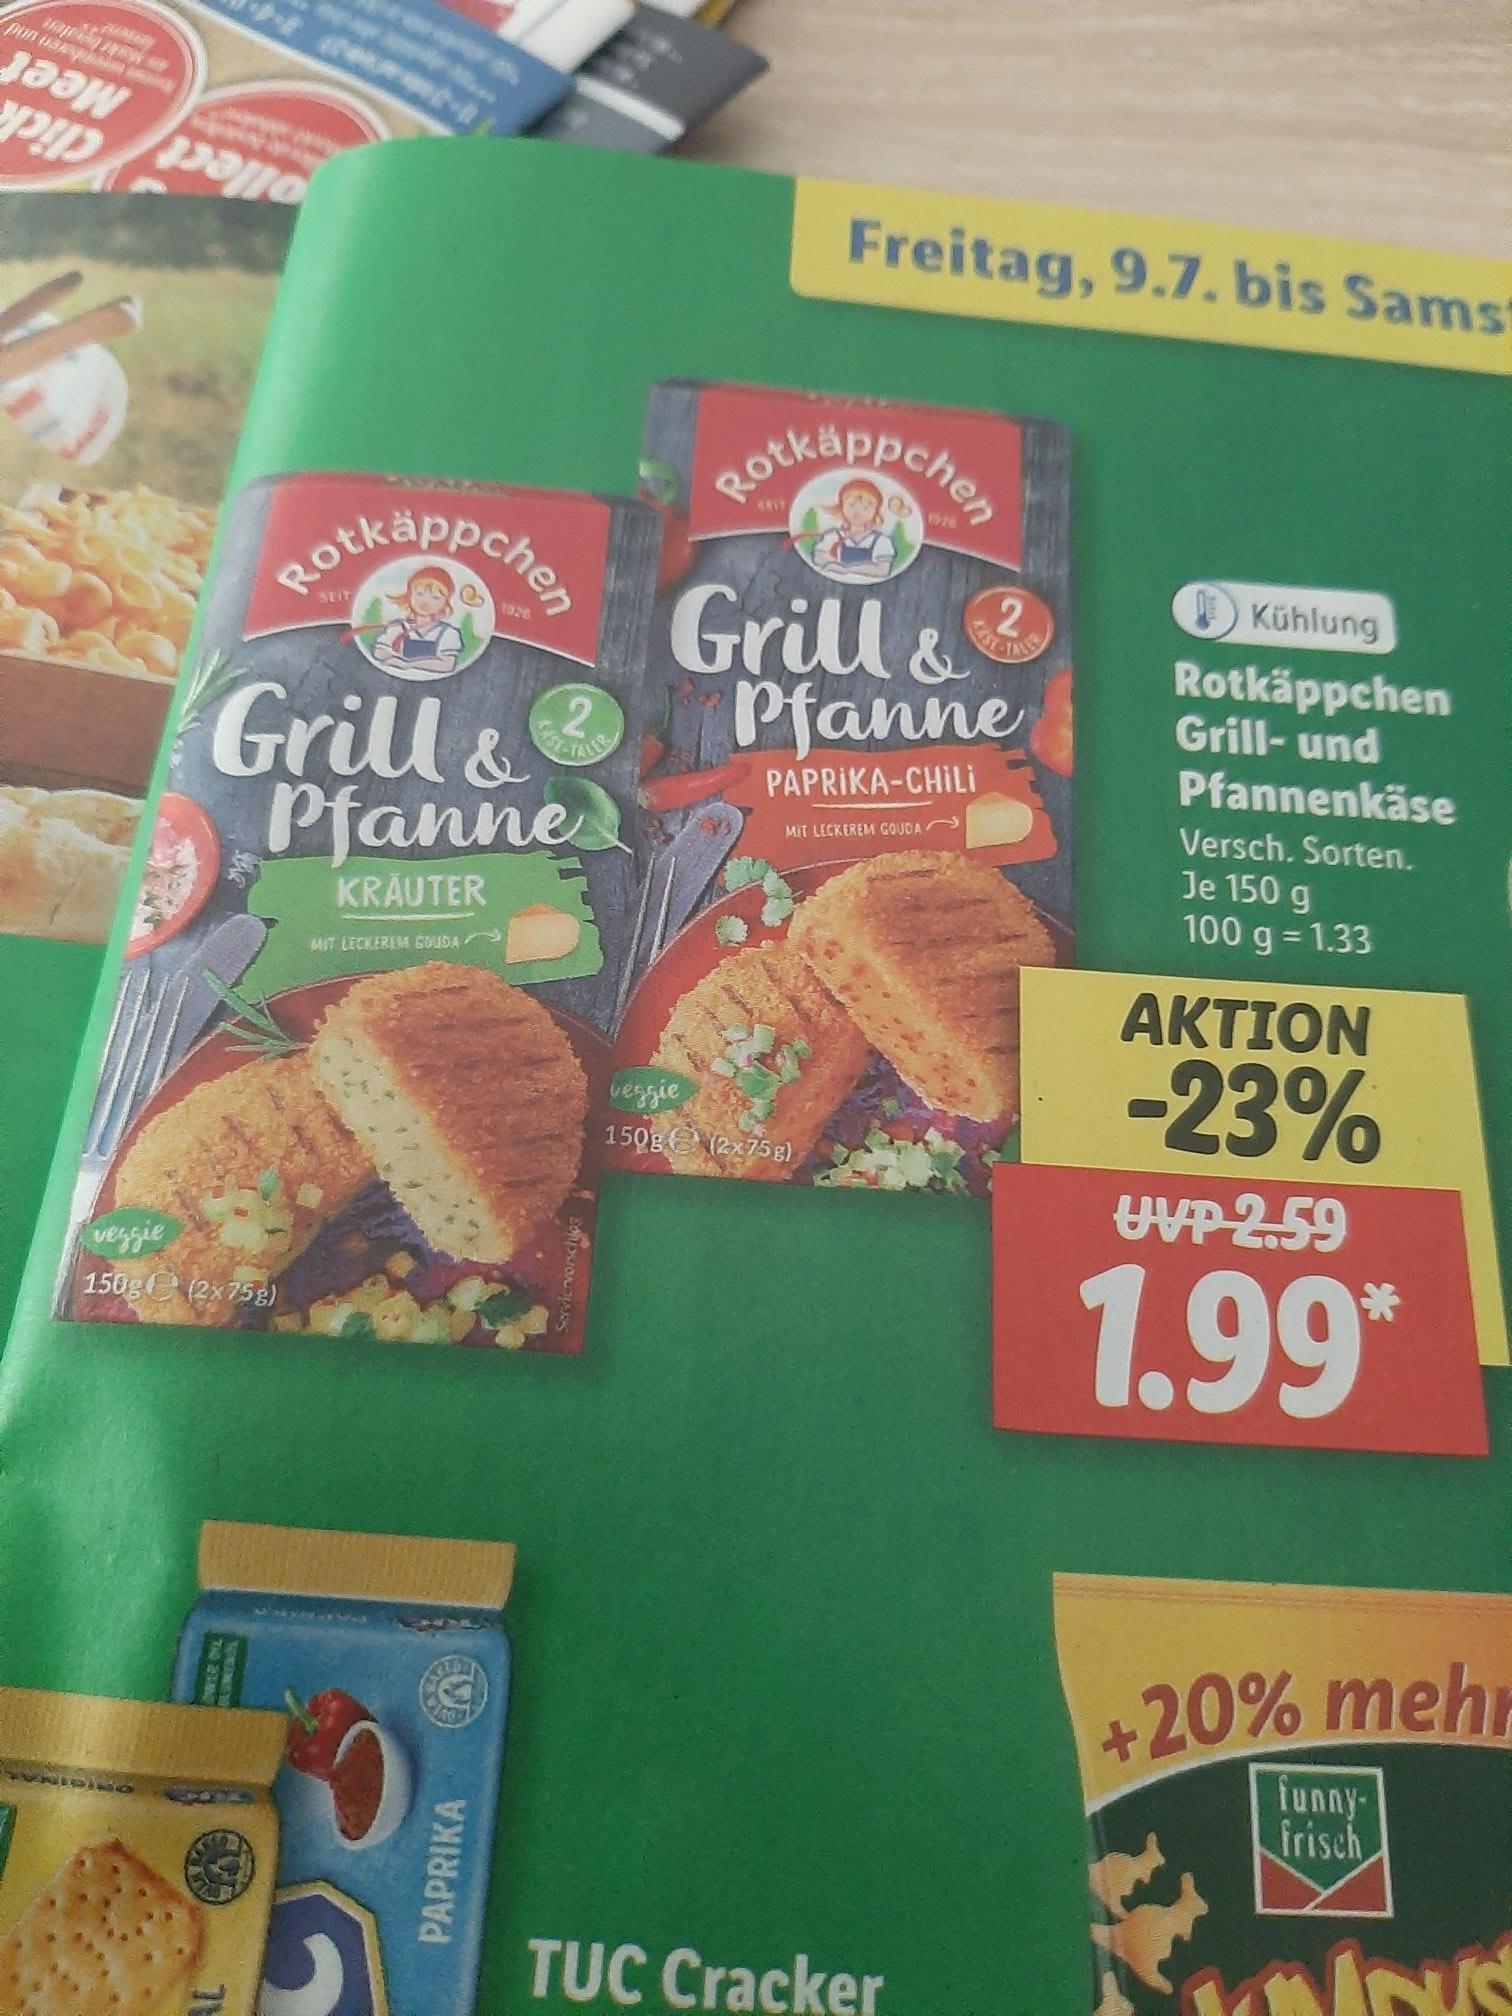 Rotkäppchen Grill und Pfannenkäse nur 1.49€ Dank Scondoo Cashback App.